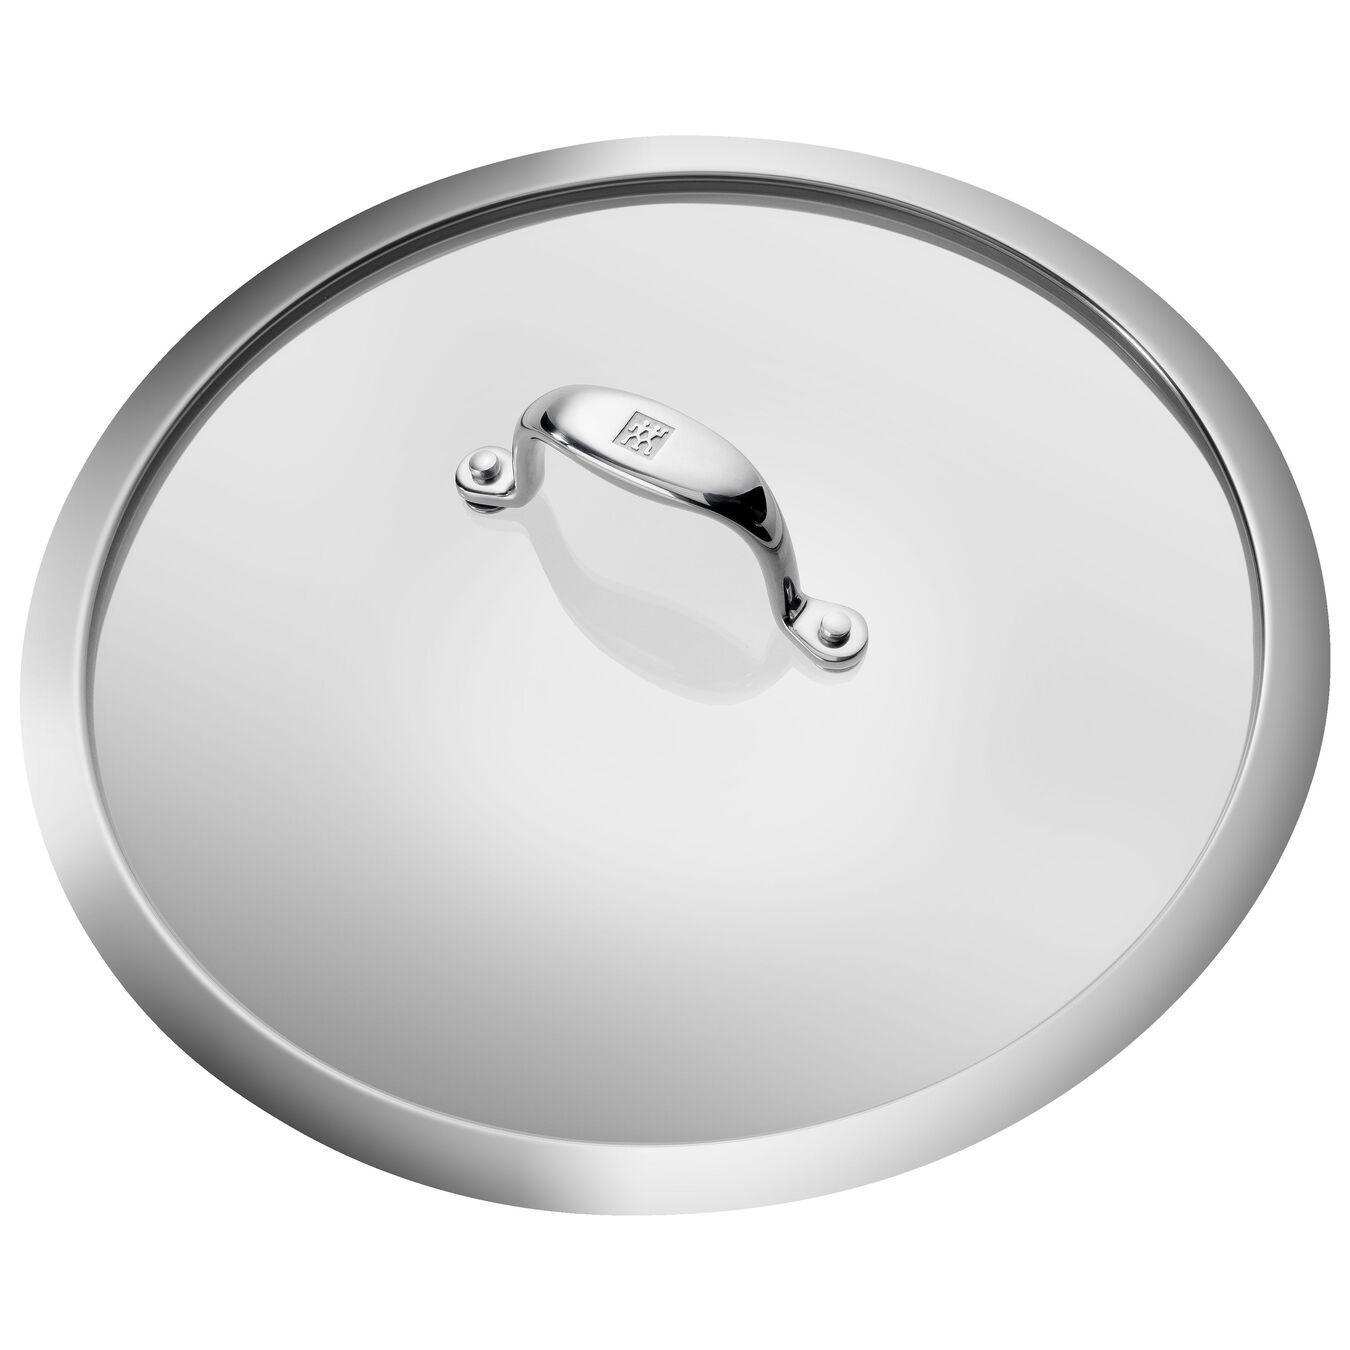 Bratpfanne mit Deckel 28 cm, Aluminium, Schwarz,,large 2